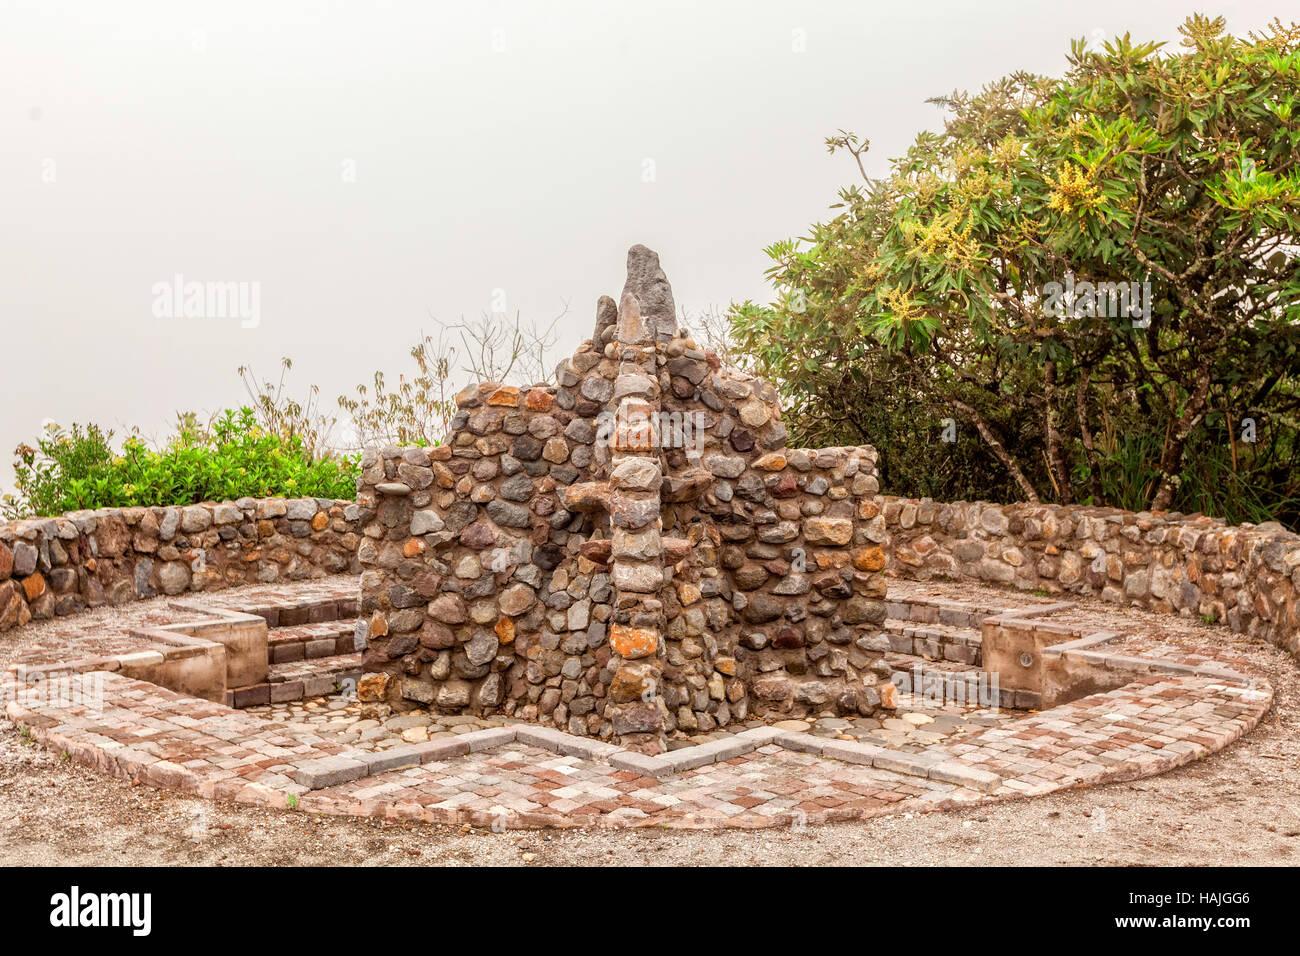 Detail Of Ancient Inca Bathroom In Laguna Cuiucocha, Cotacachi, Ecuador, South America Stock Photo